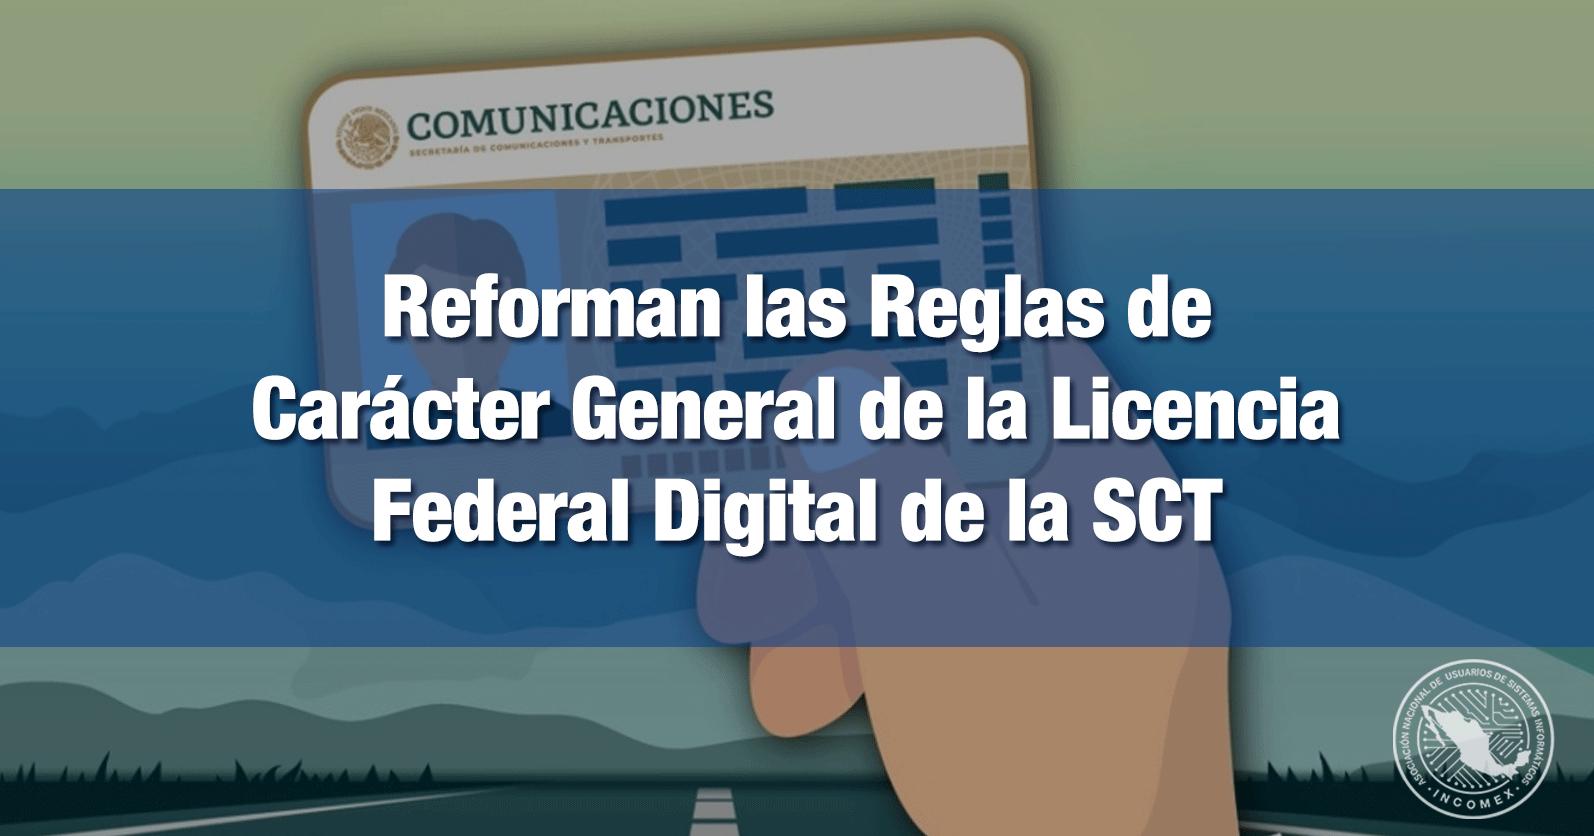 Reforman las Reglas de Carácter General de la Licencia Federal Digital de la SCT